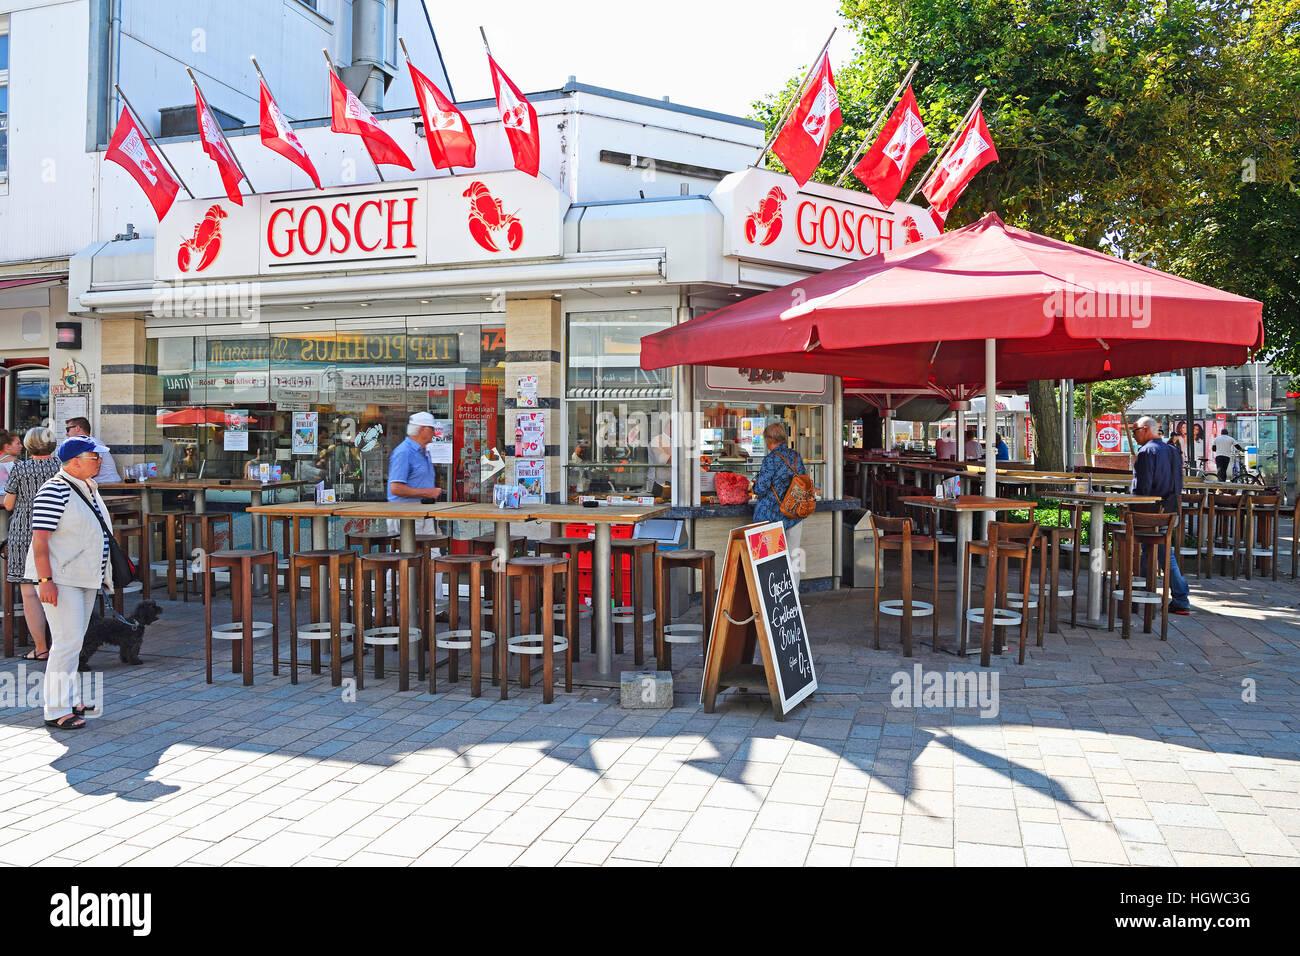 Firma Gosch Filiale der in der Friedrichstrasse en Westerland, Hauptseinkaufsstrasse, Sylt, nordfriesischer Inseln, Imagen De Stock